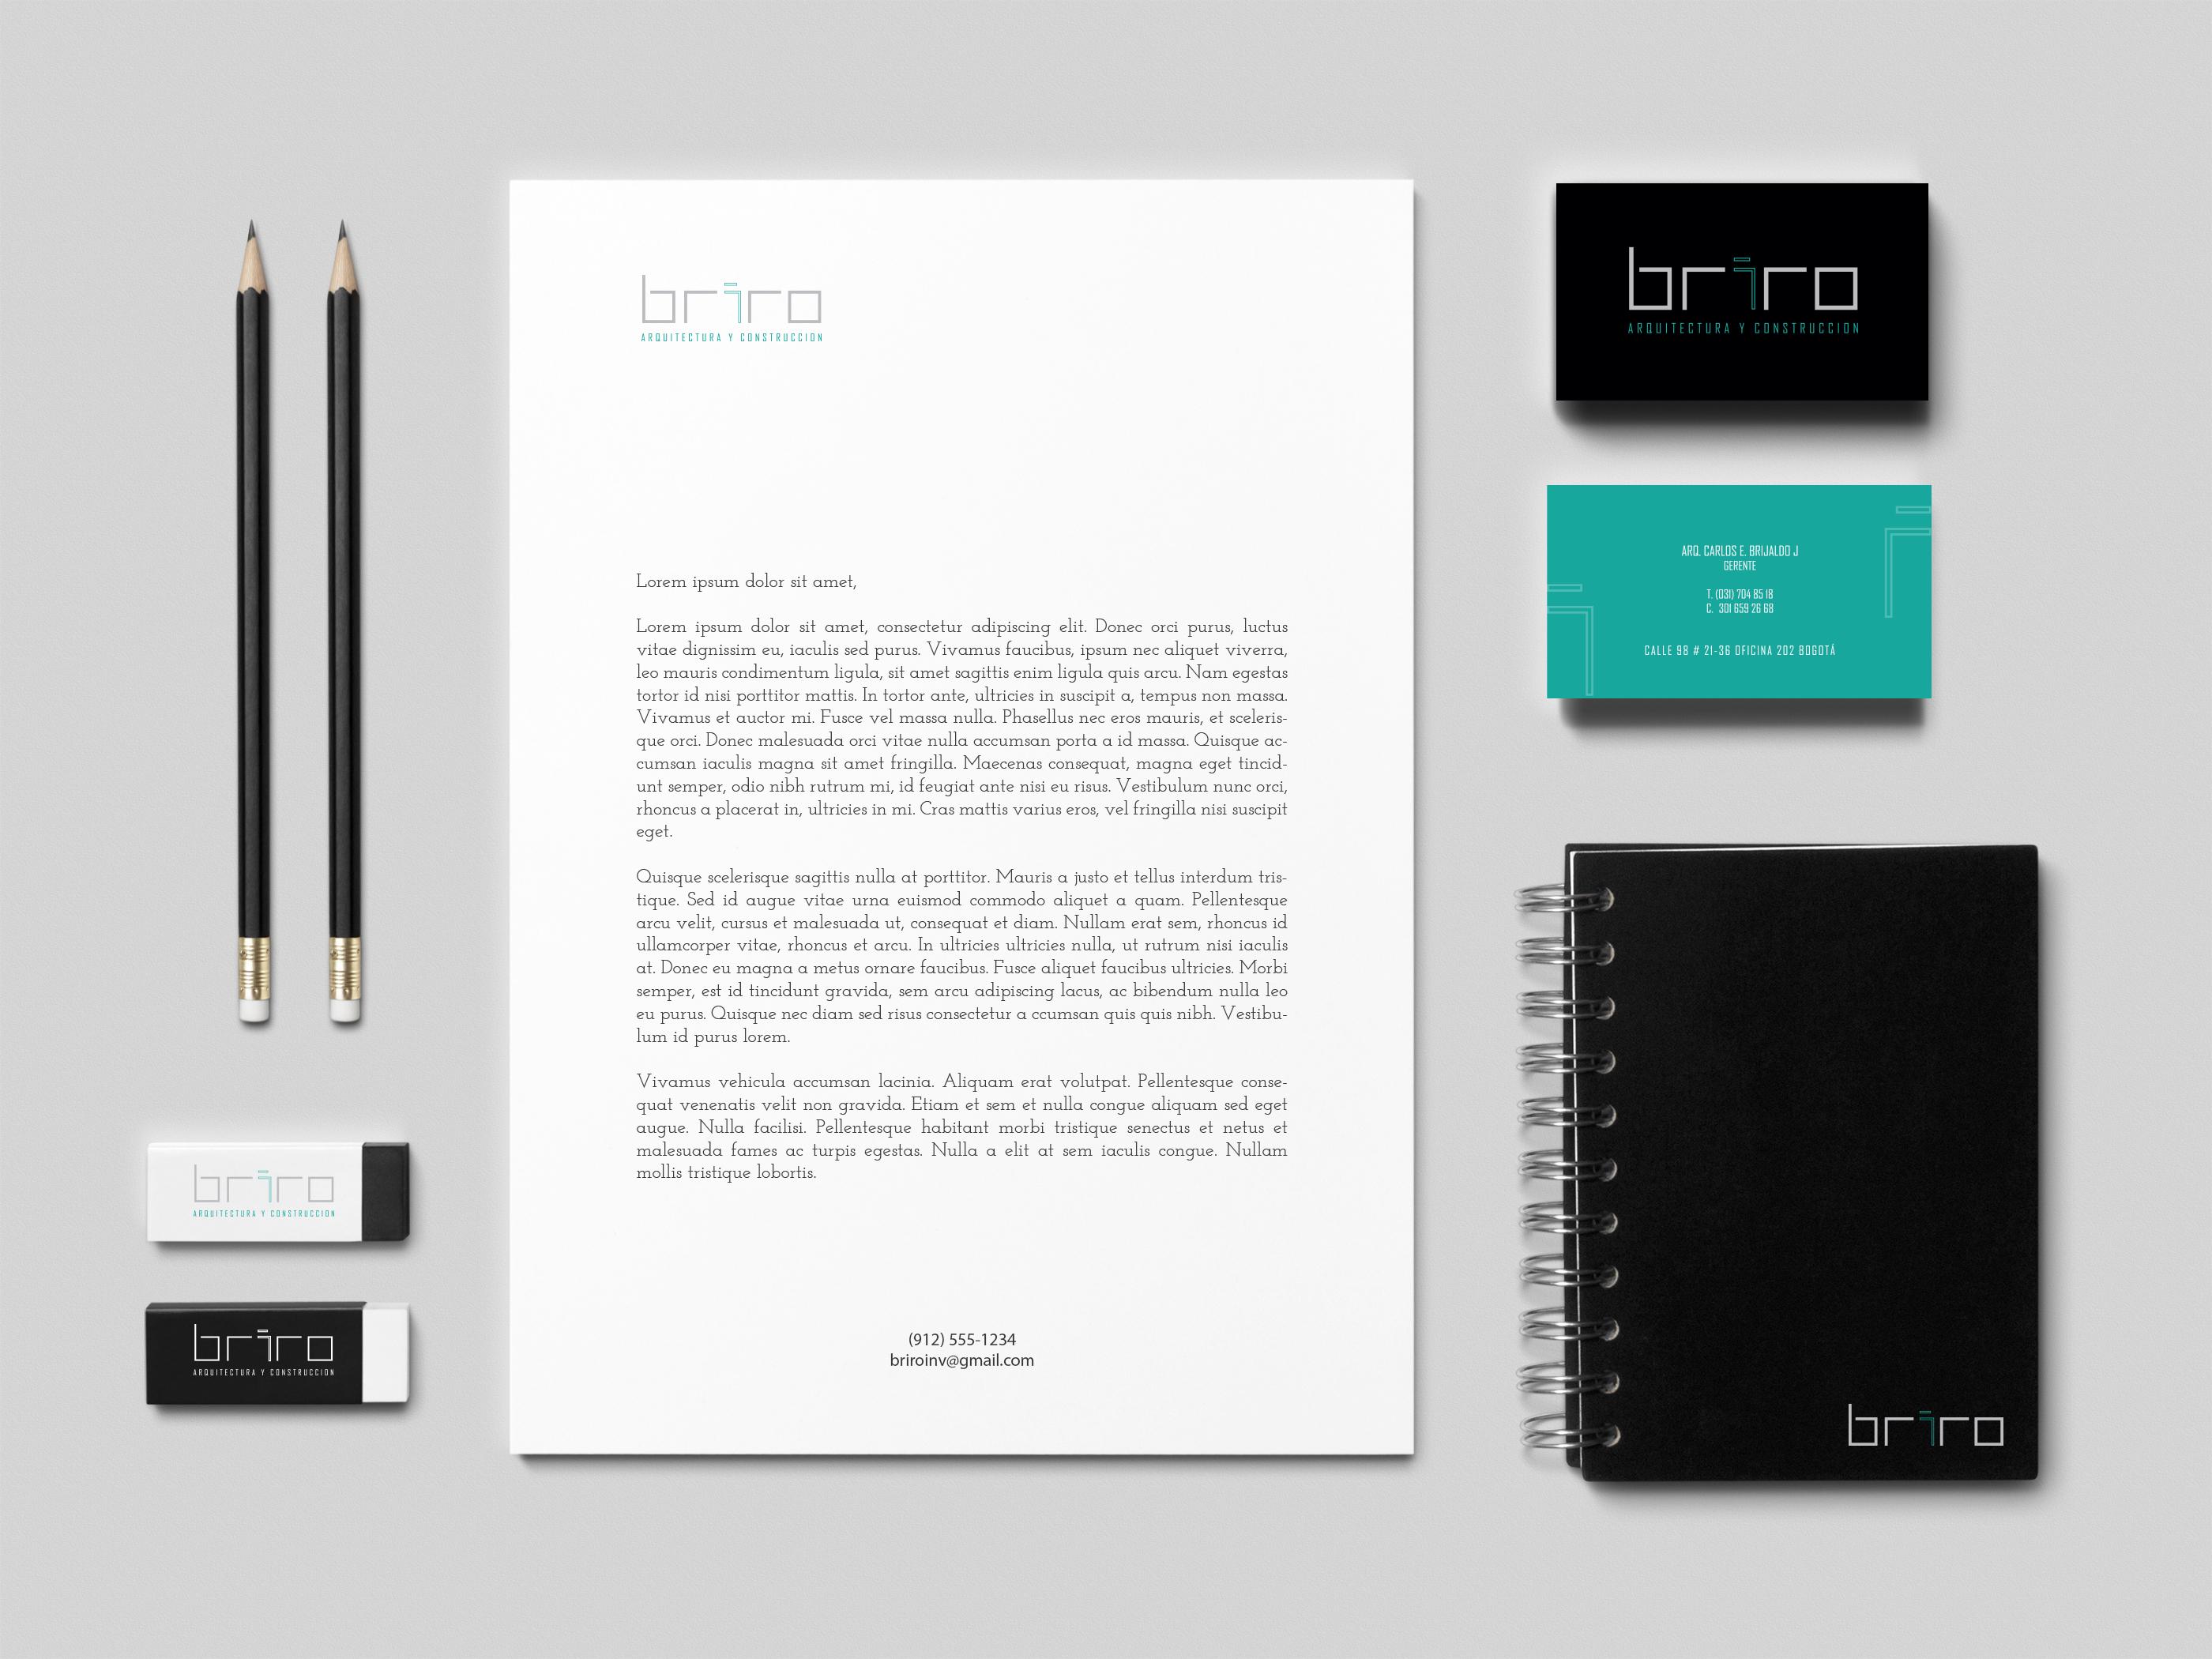 briro-architecture